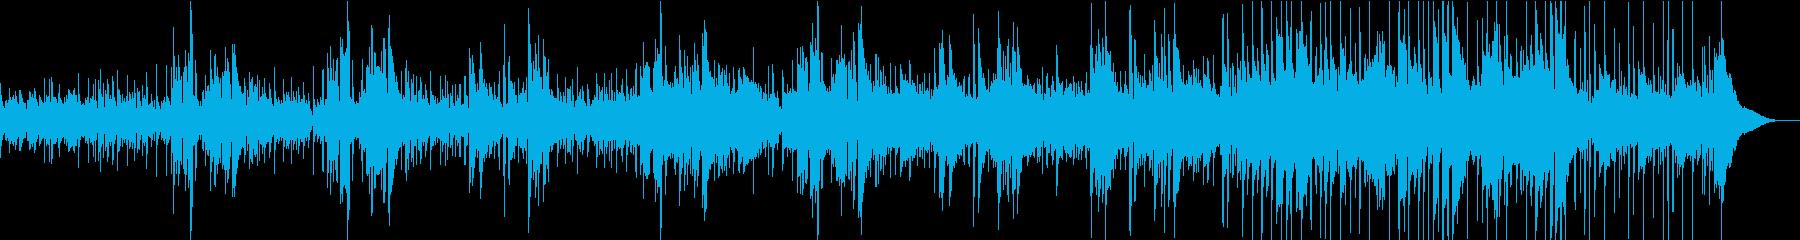 感動を演出するアコギバラードの再生済みの波形